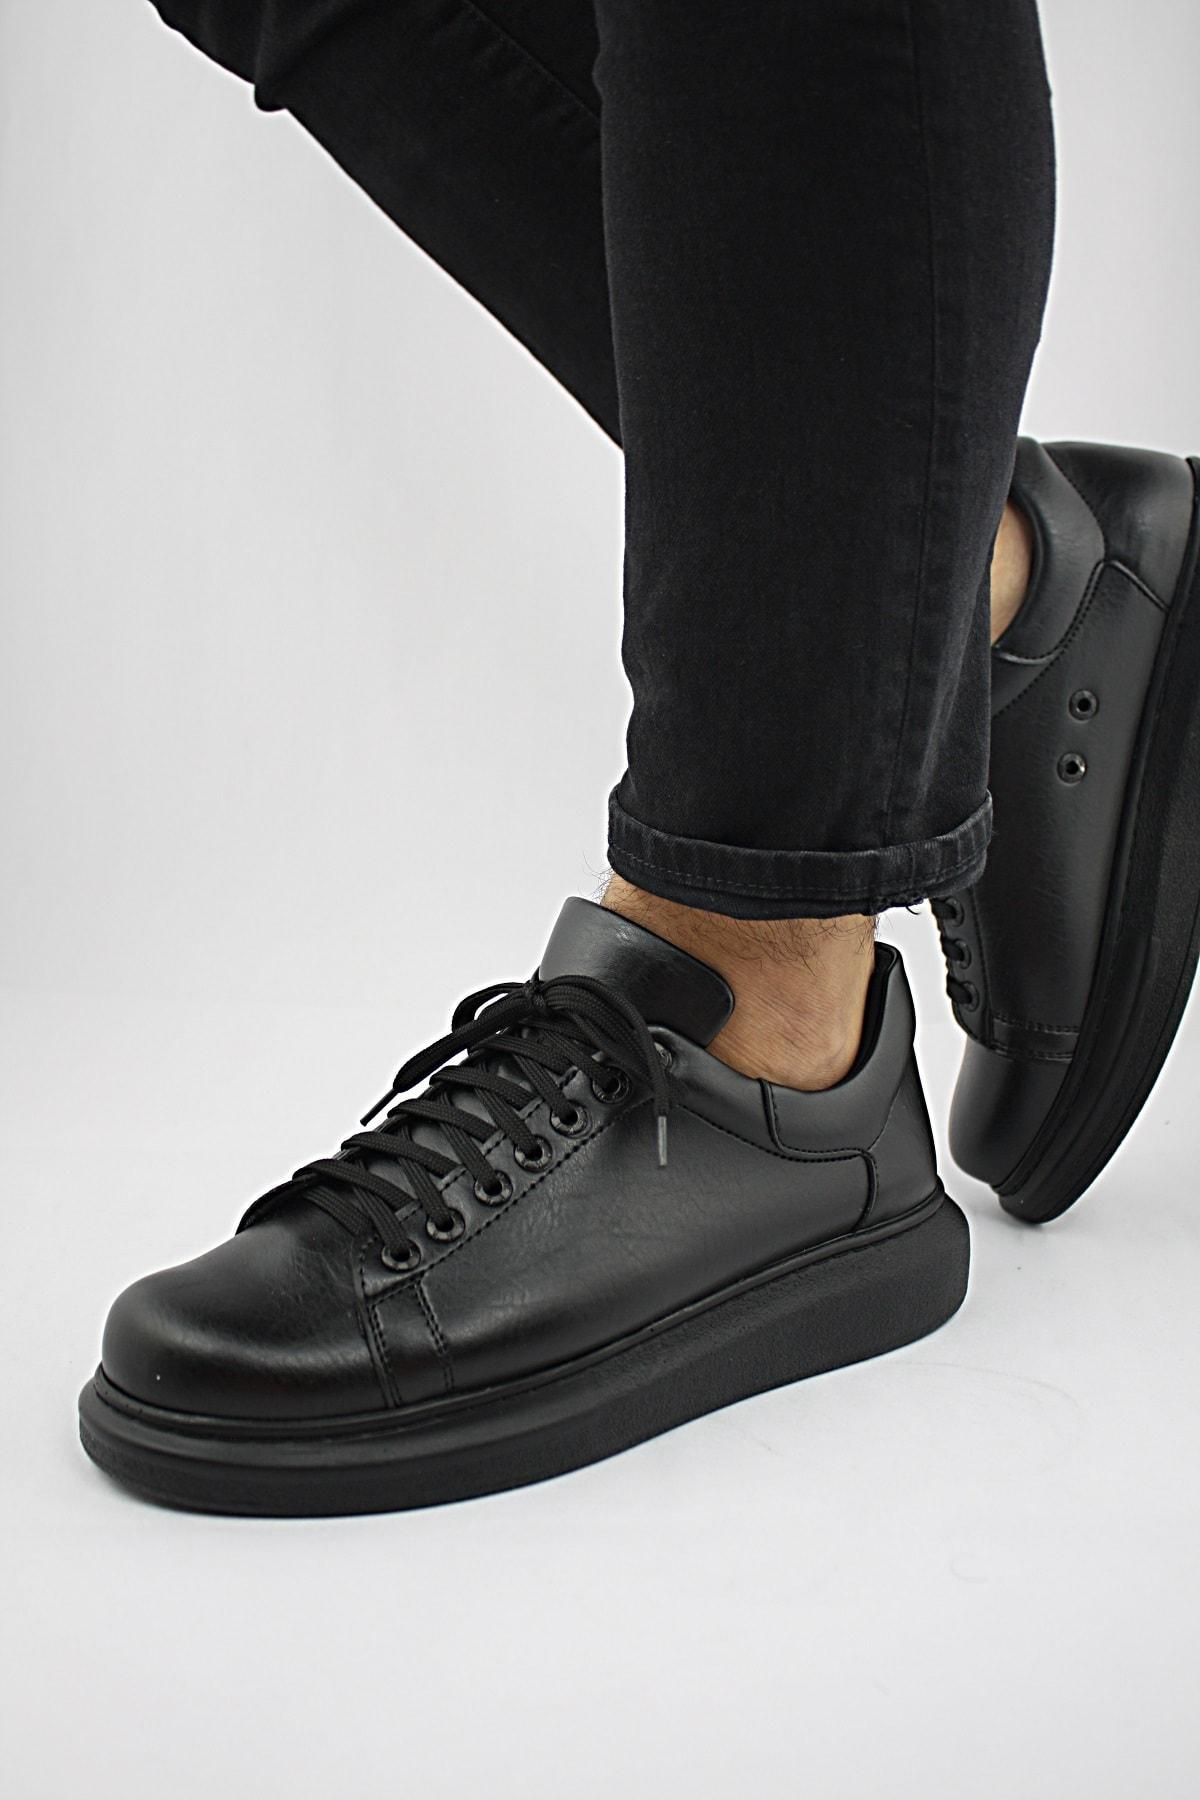 Erkek Spor Günlük Ayakkabı Siyah St Dr022 2